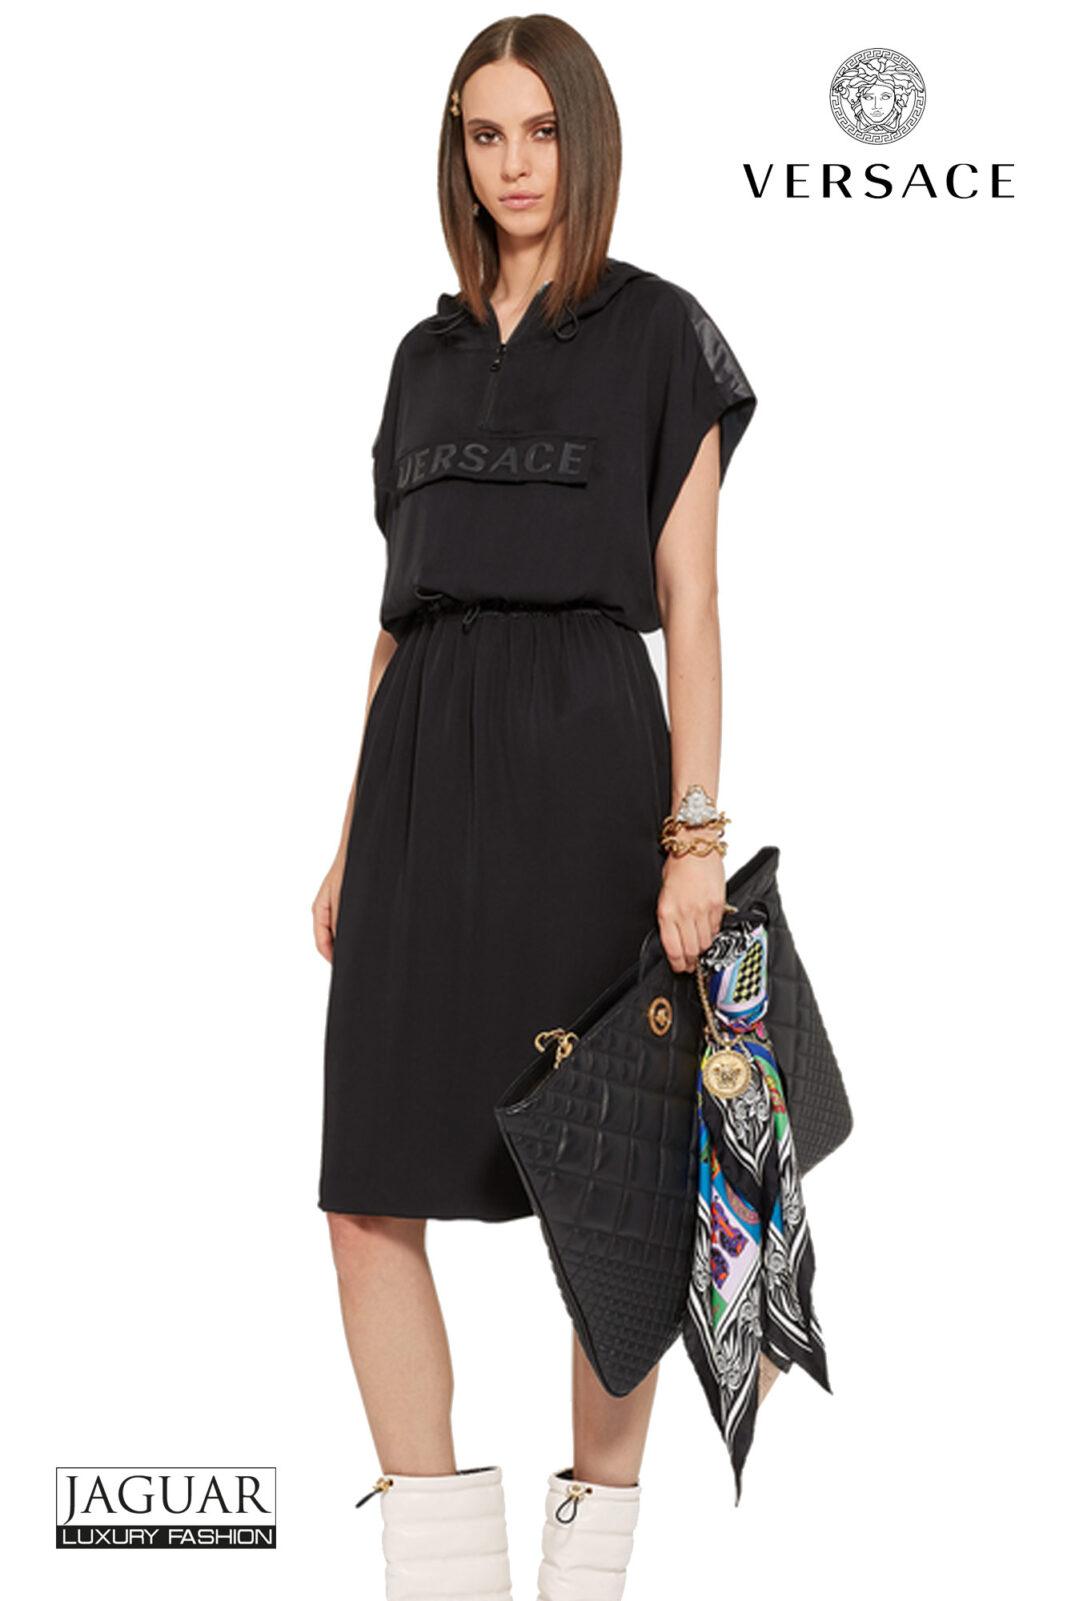 versace-rubberized-dress